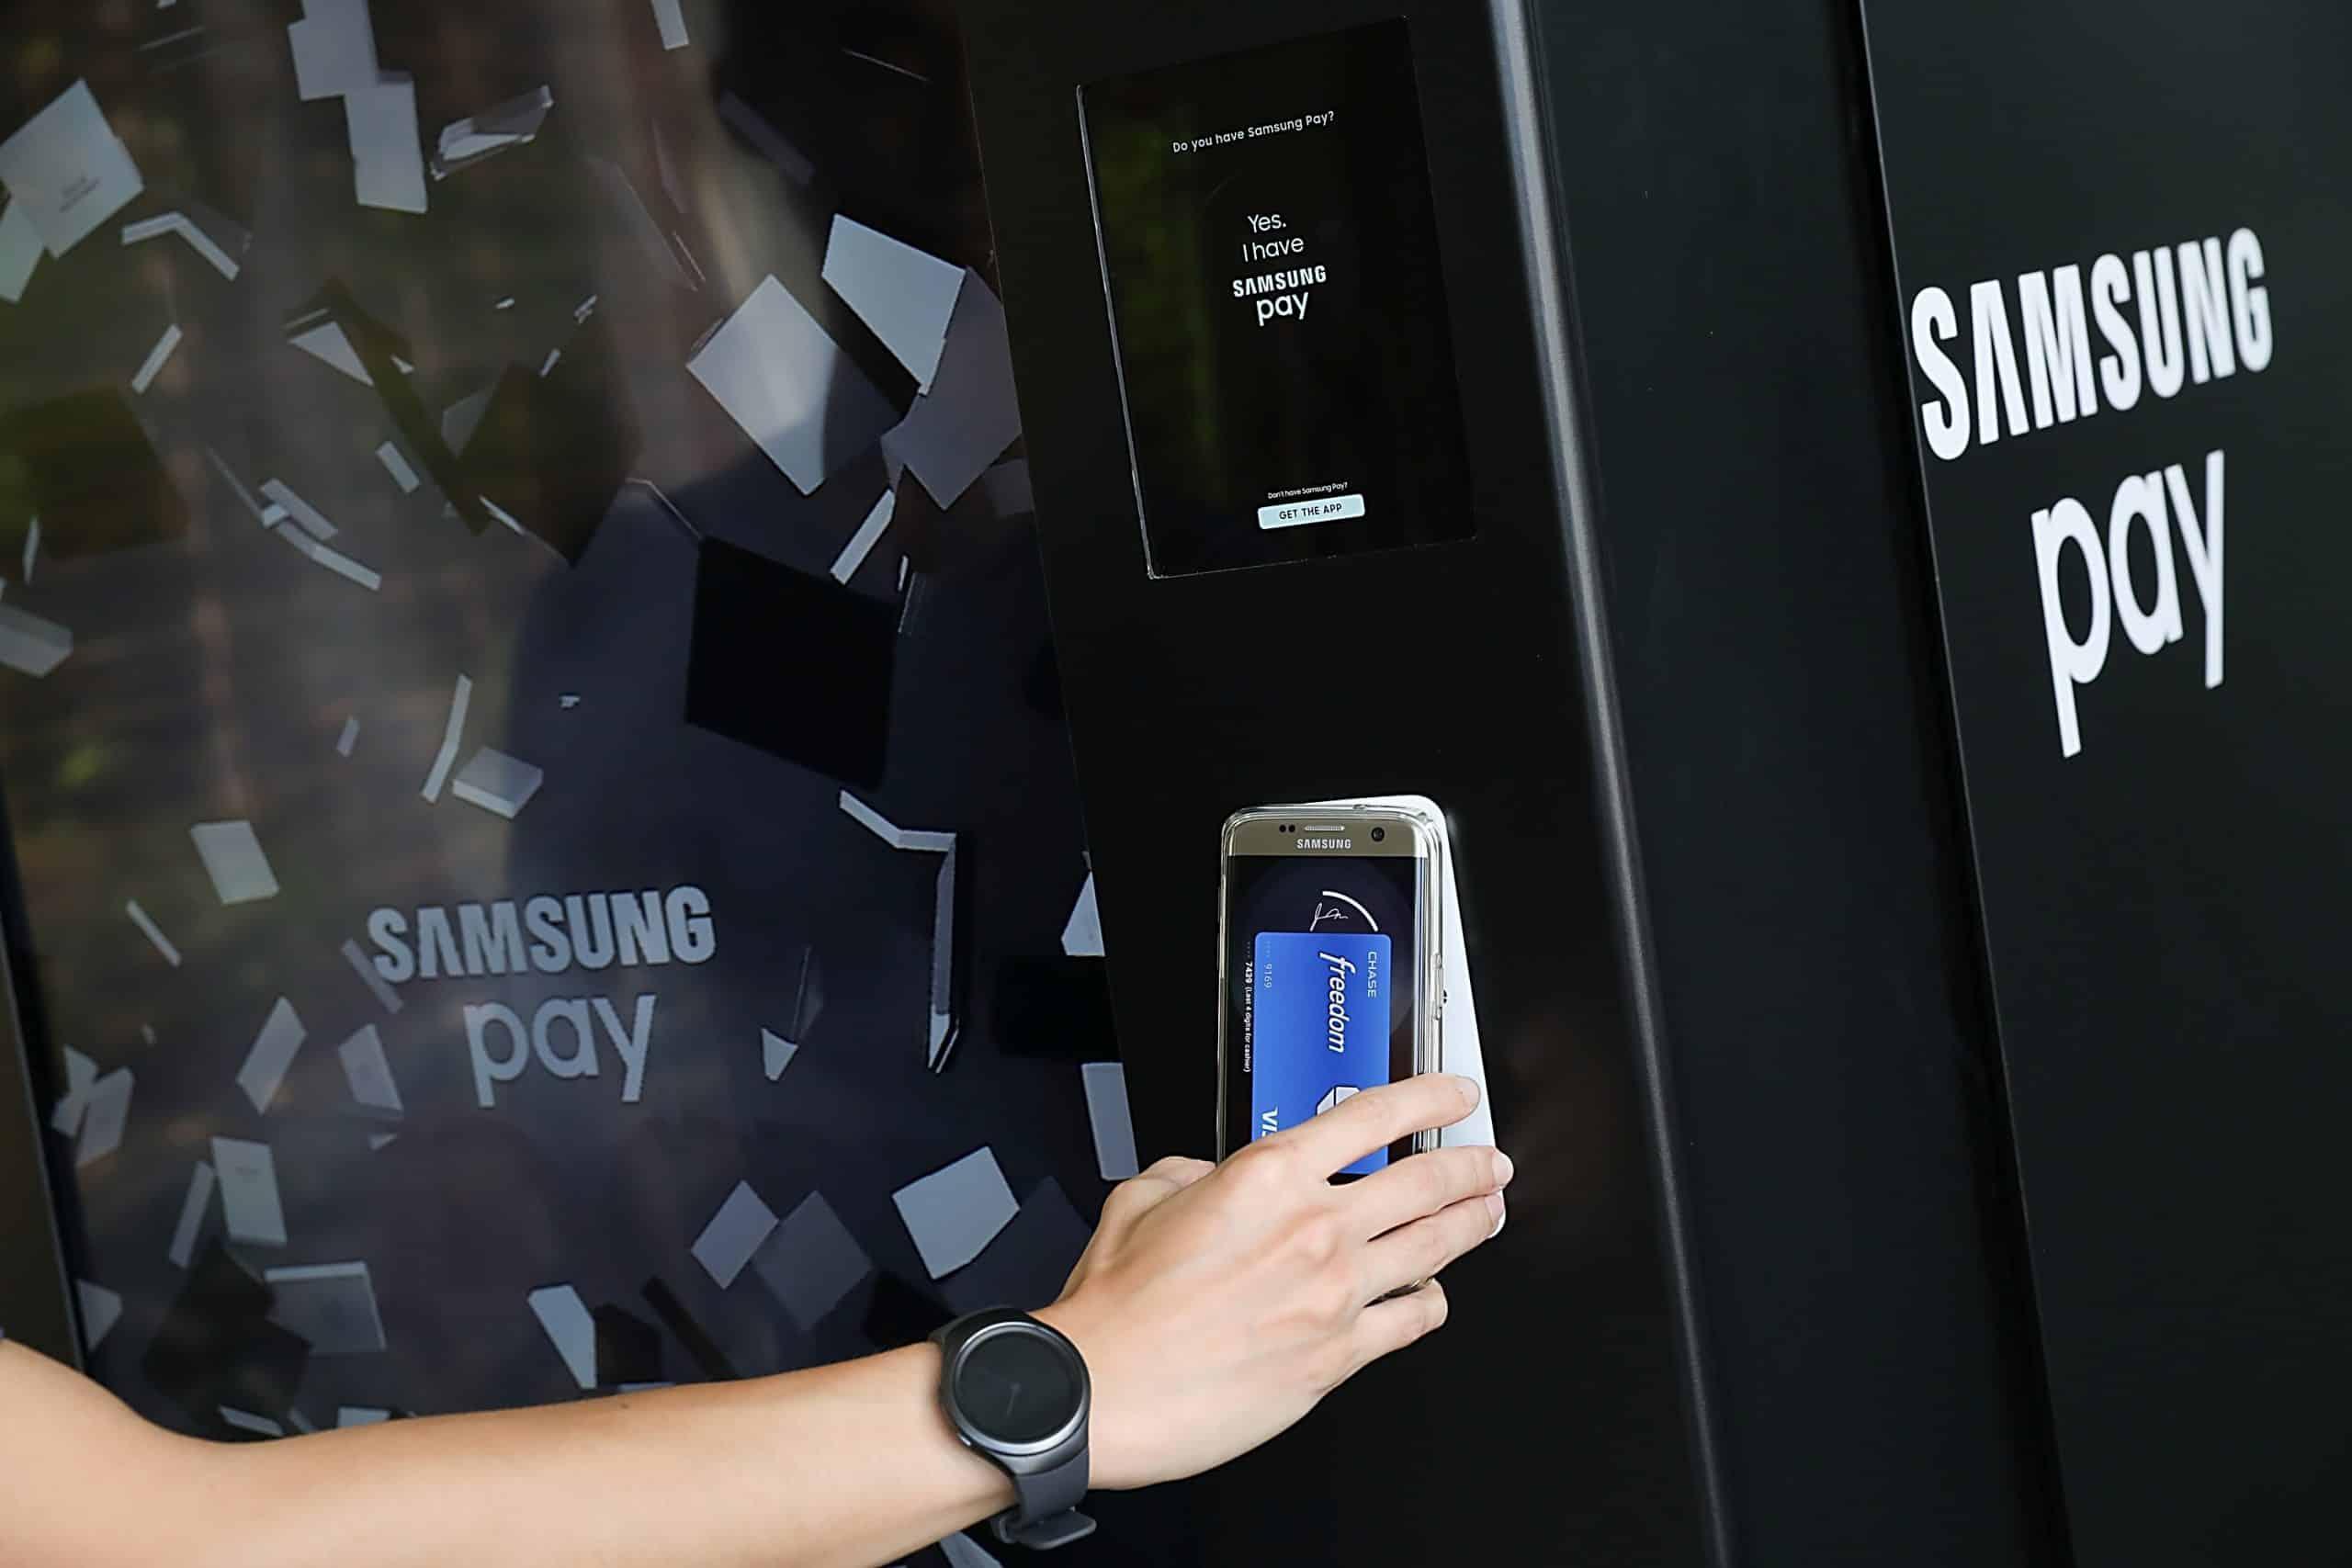 Неожиданно компания Huawei порадовала поклонников своих гаджетов информацией о скорой презентации самого бюджетного смарфтона в классе недорогих моделей с поддержкой